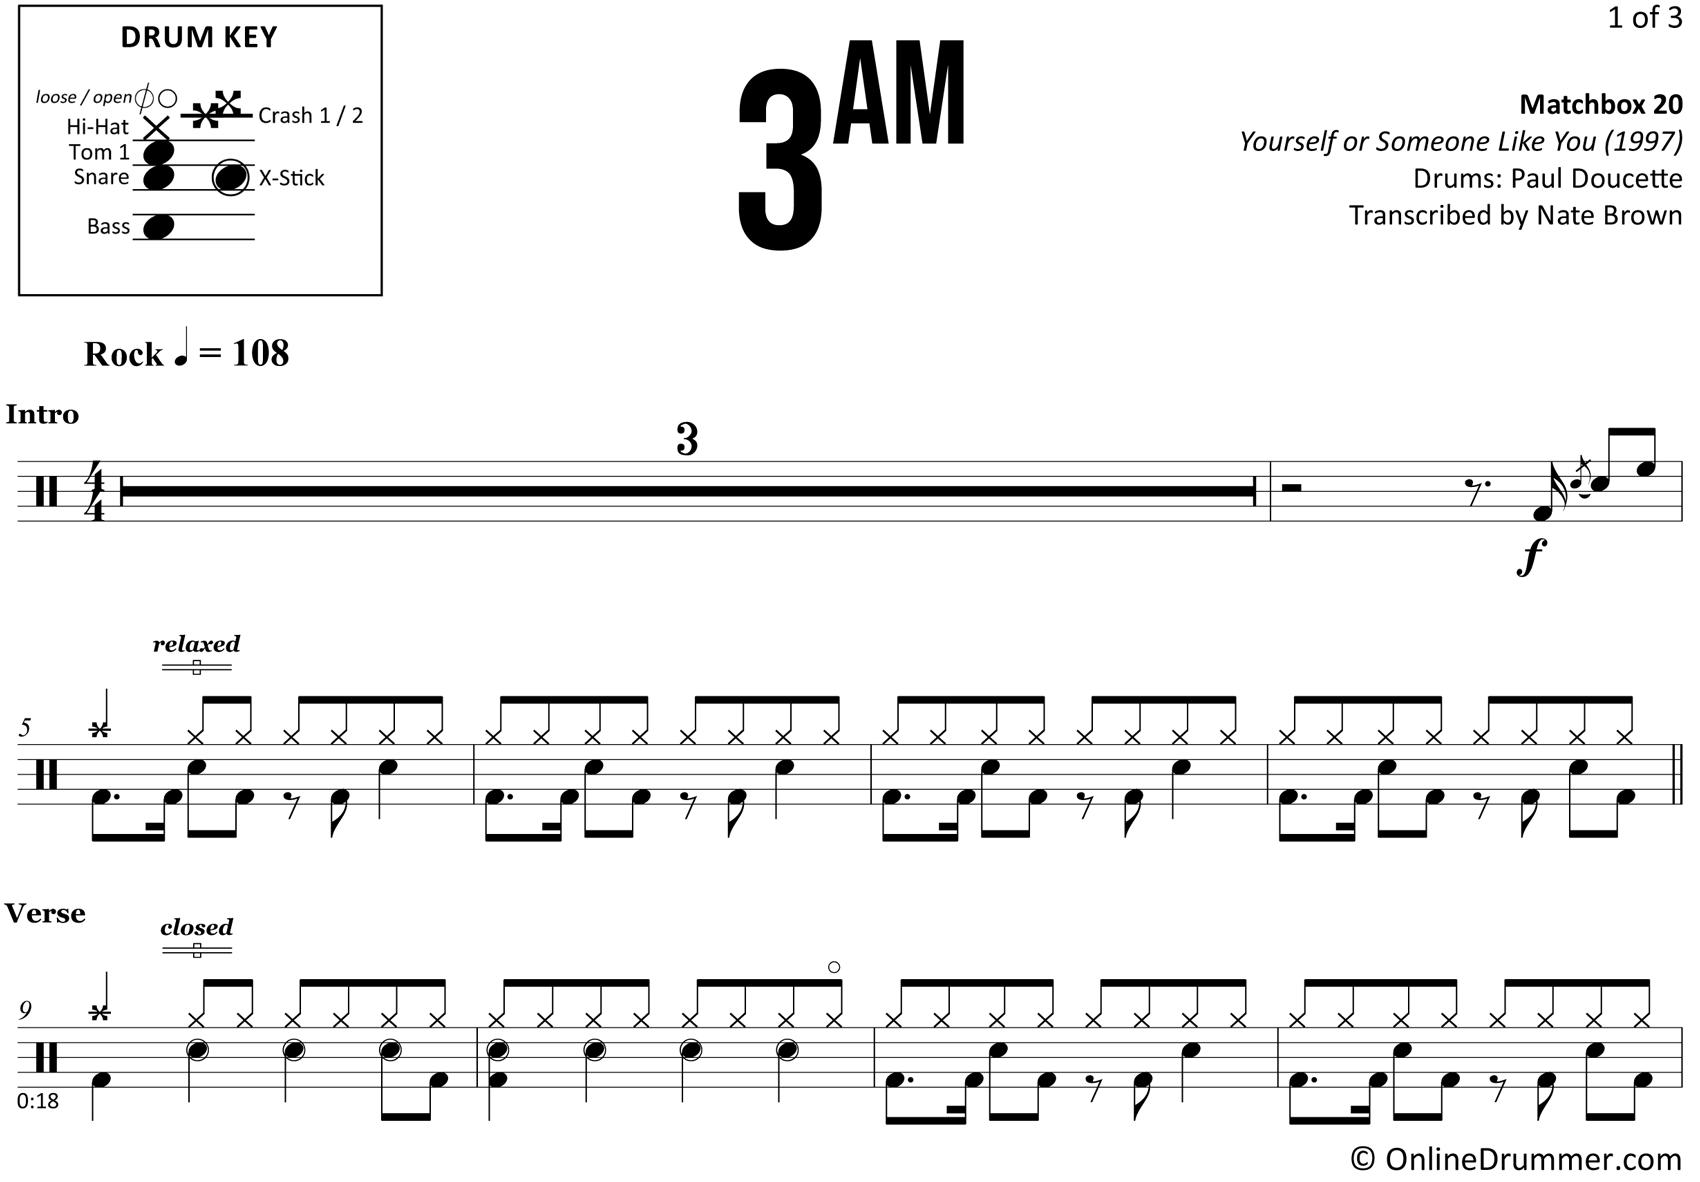 3AM - Matchbox 20 - Drum Sheet Music